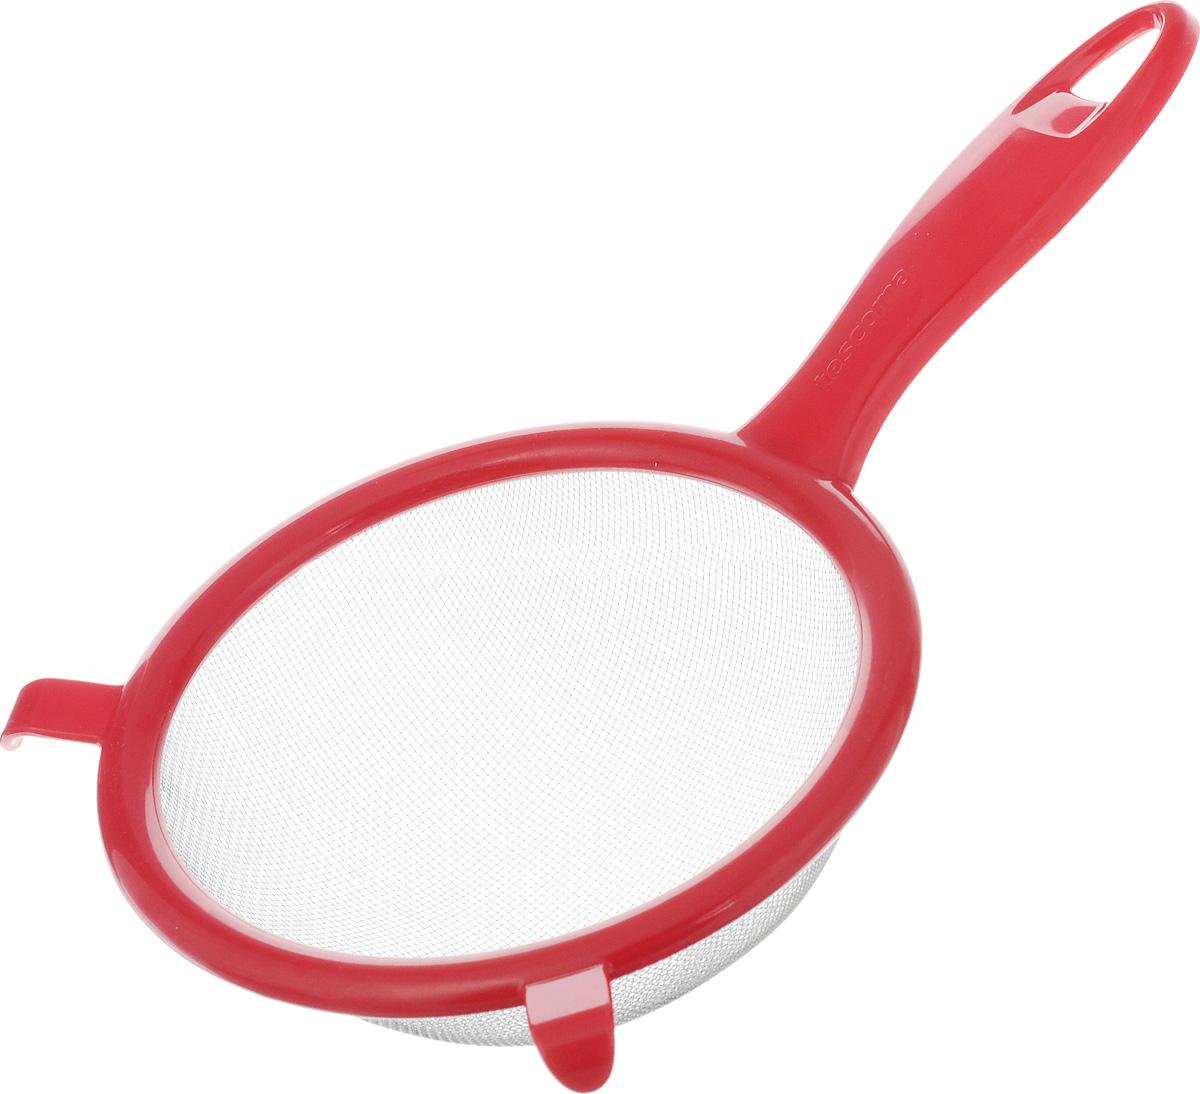 Сито Tescoma Presto, цвет: красный, диаметр 14 см420604_ красныйСито Tescoma Presto изготовлено из высококачественной нержавеющей стали и прочного пластика. Изделие снабжено двумя выступами для установки на кастрюлю. Ручка снабжена отверстием для подвешивания на крючок. Сито предназначено для процеживания круп и макарон, просеивания муки, промывания ягод и фруктов. Такое сито станет незаменимым аксессуаром на вашей кухне. Можно мыть в посудомоечной машине. Диаметр сита: 14 см. Длина (с учетом ручки): 25 см.